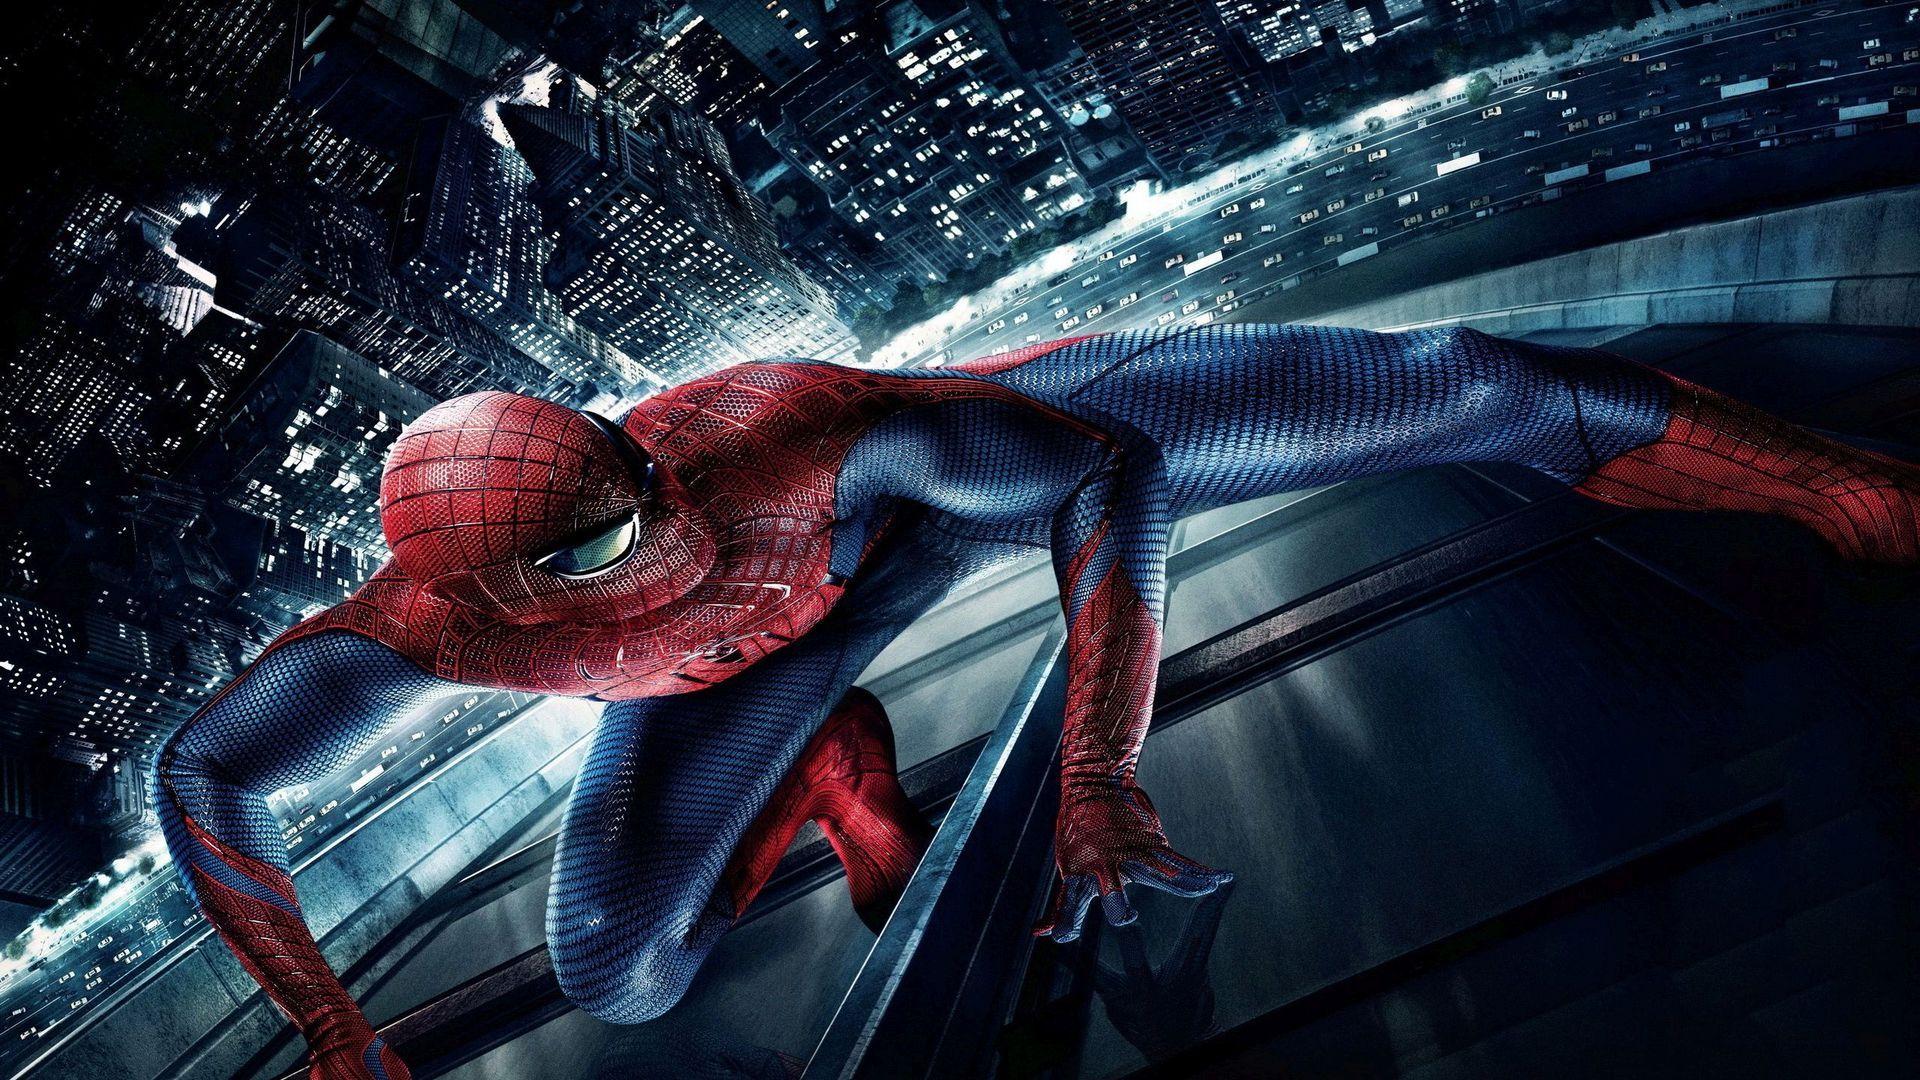 Most Inspiring Wallpaper Home Screen Spiderman - fec5a59f03b9920a95ecf4e03c58e7cc  Trends_711320.jpg